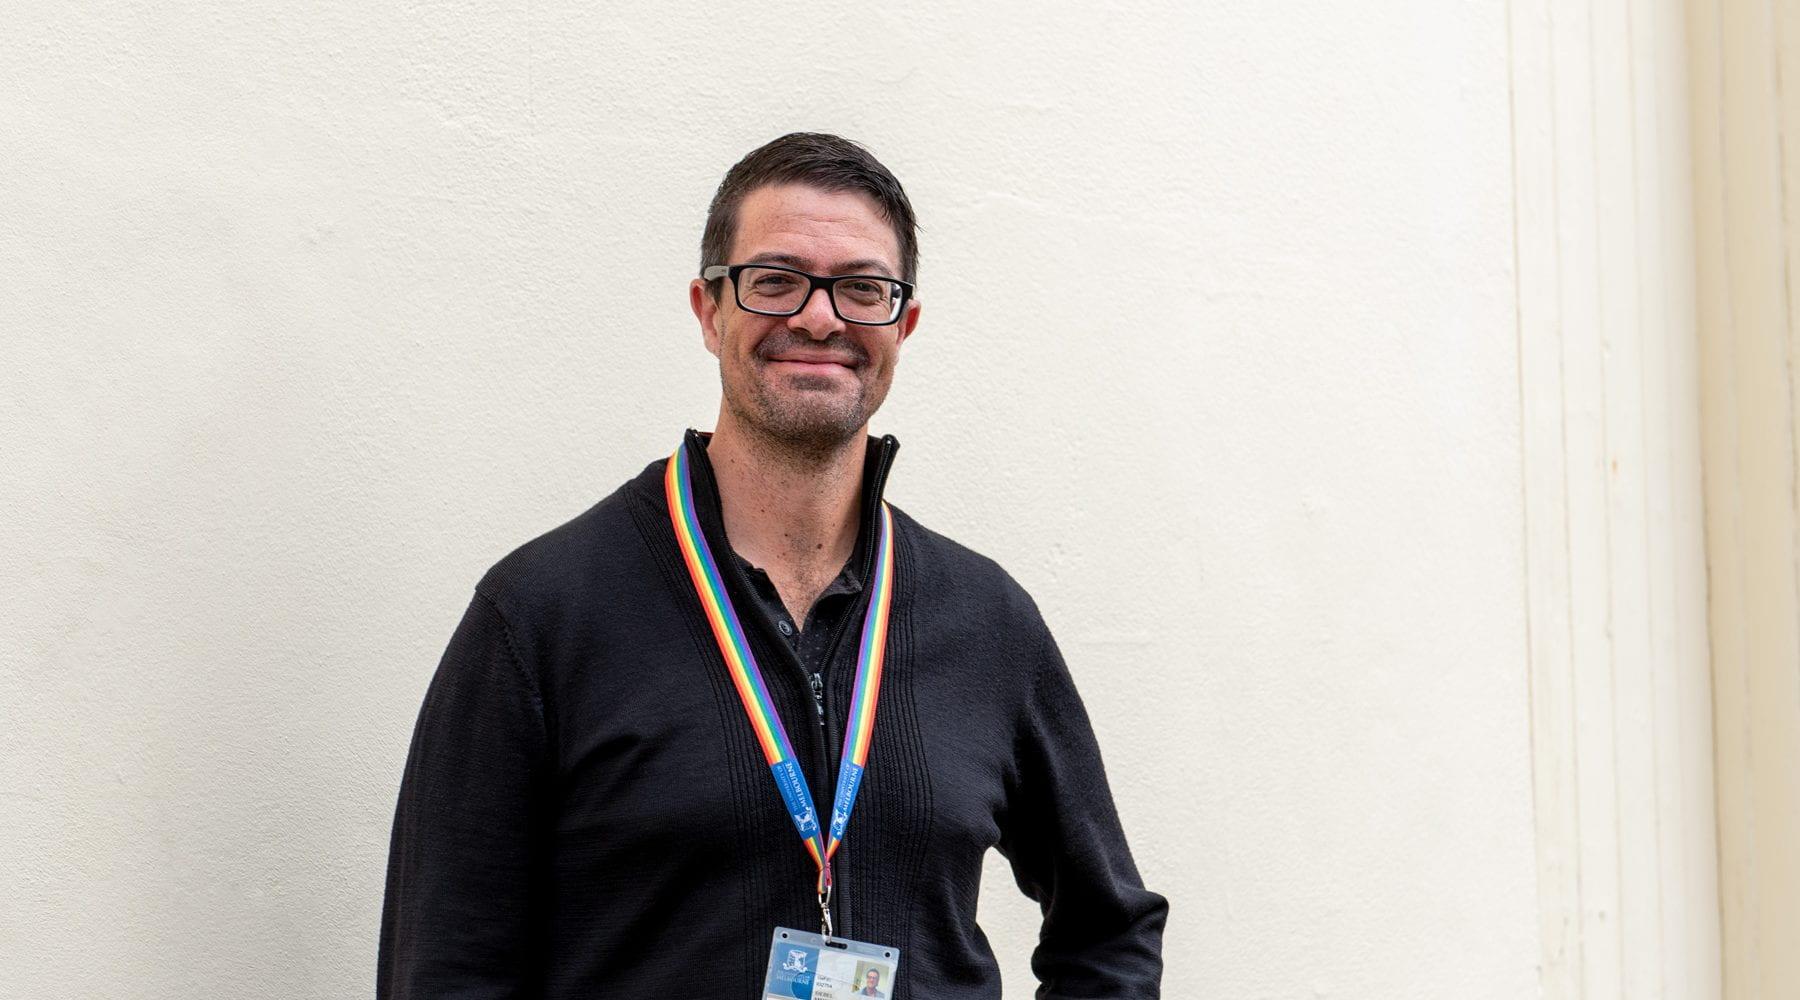 Andrew Siebel